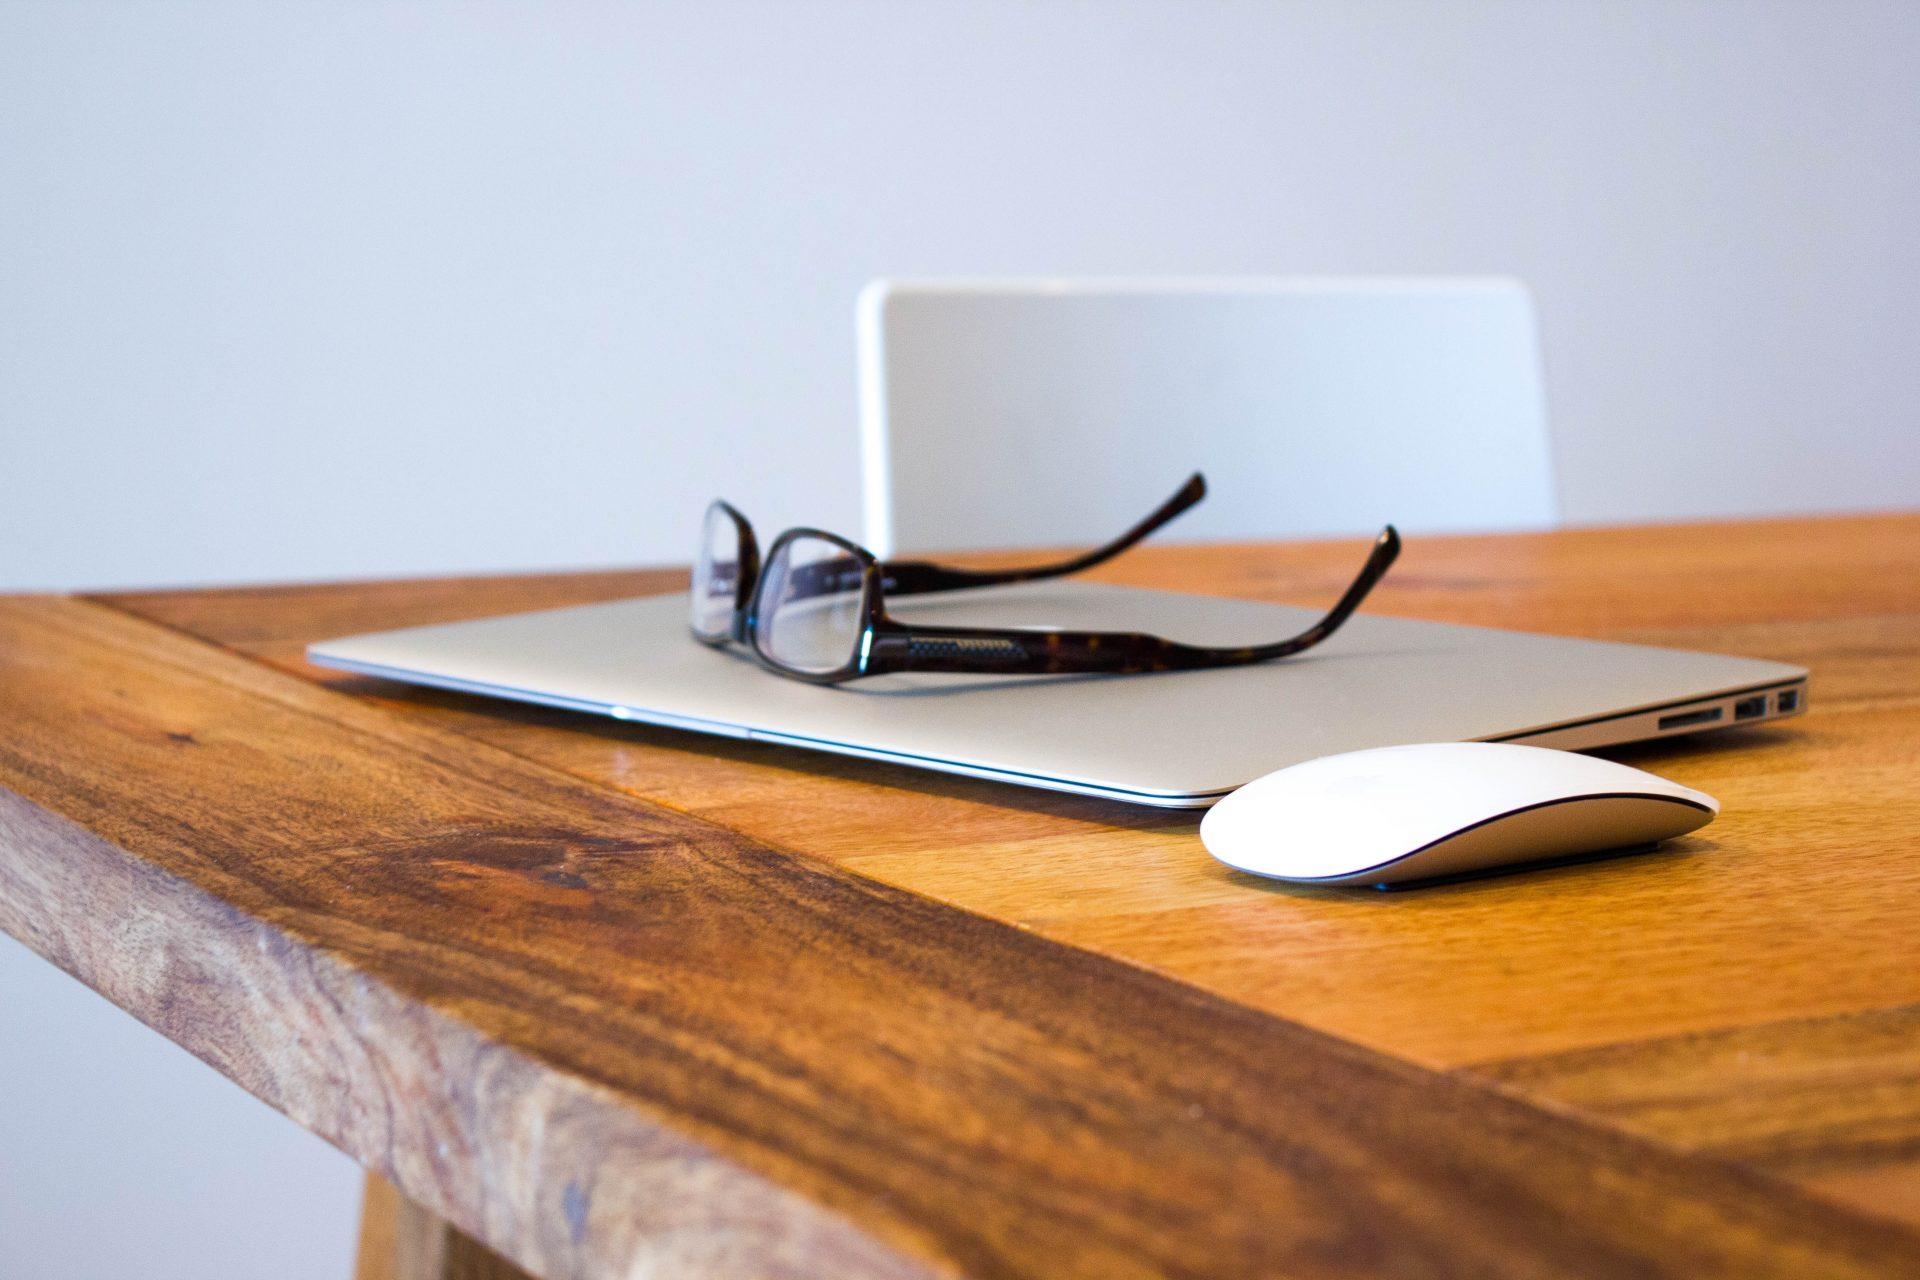 Ordinateur fermé posé sur une talble en bois avec des lunettes posées dessus et une souris d'ordinateur